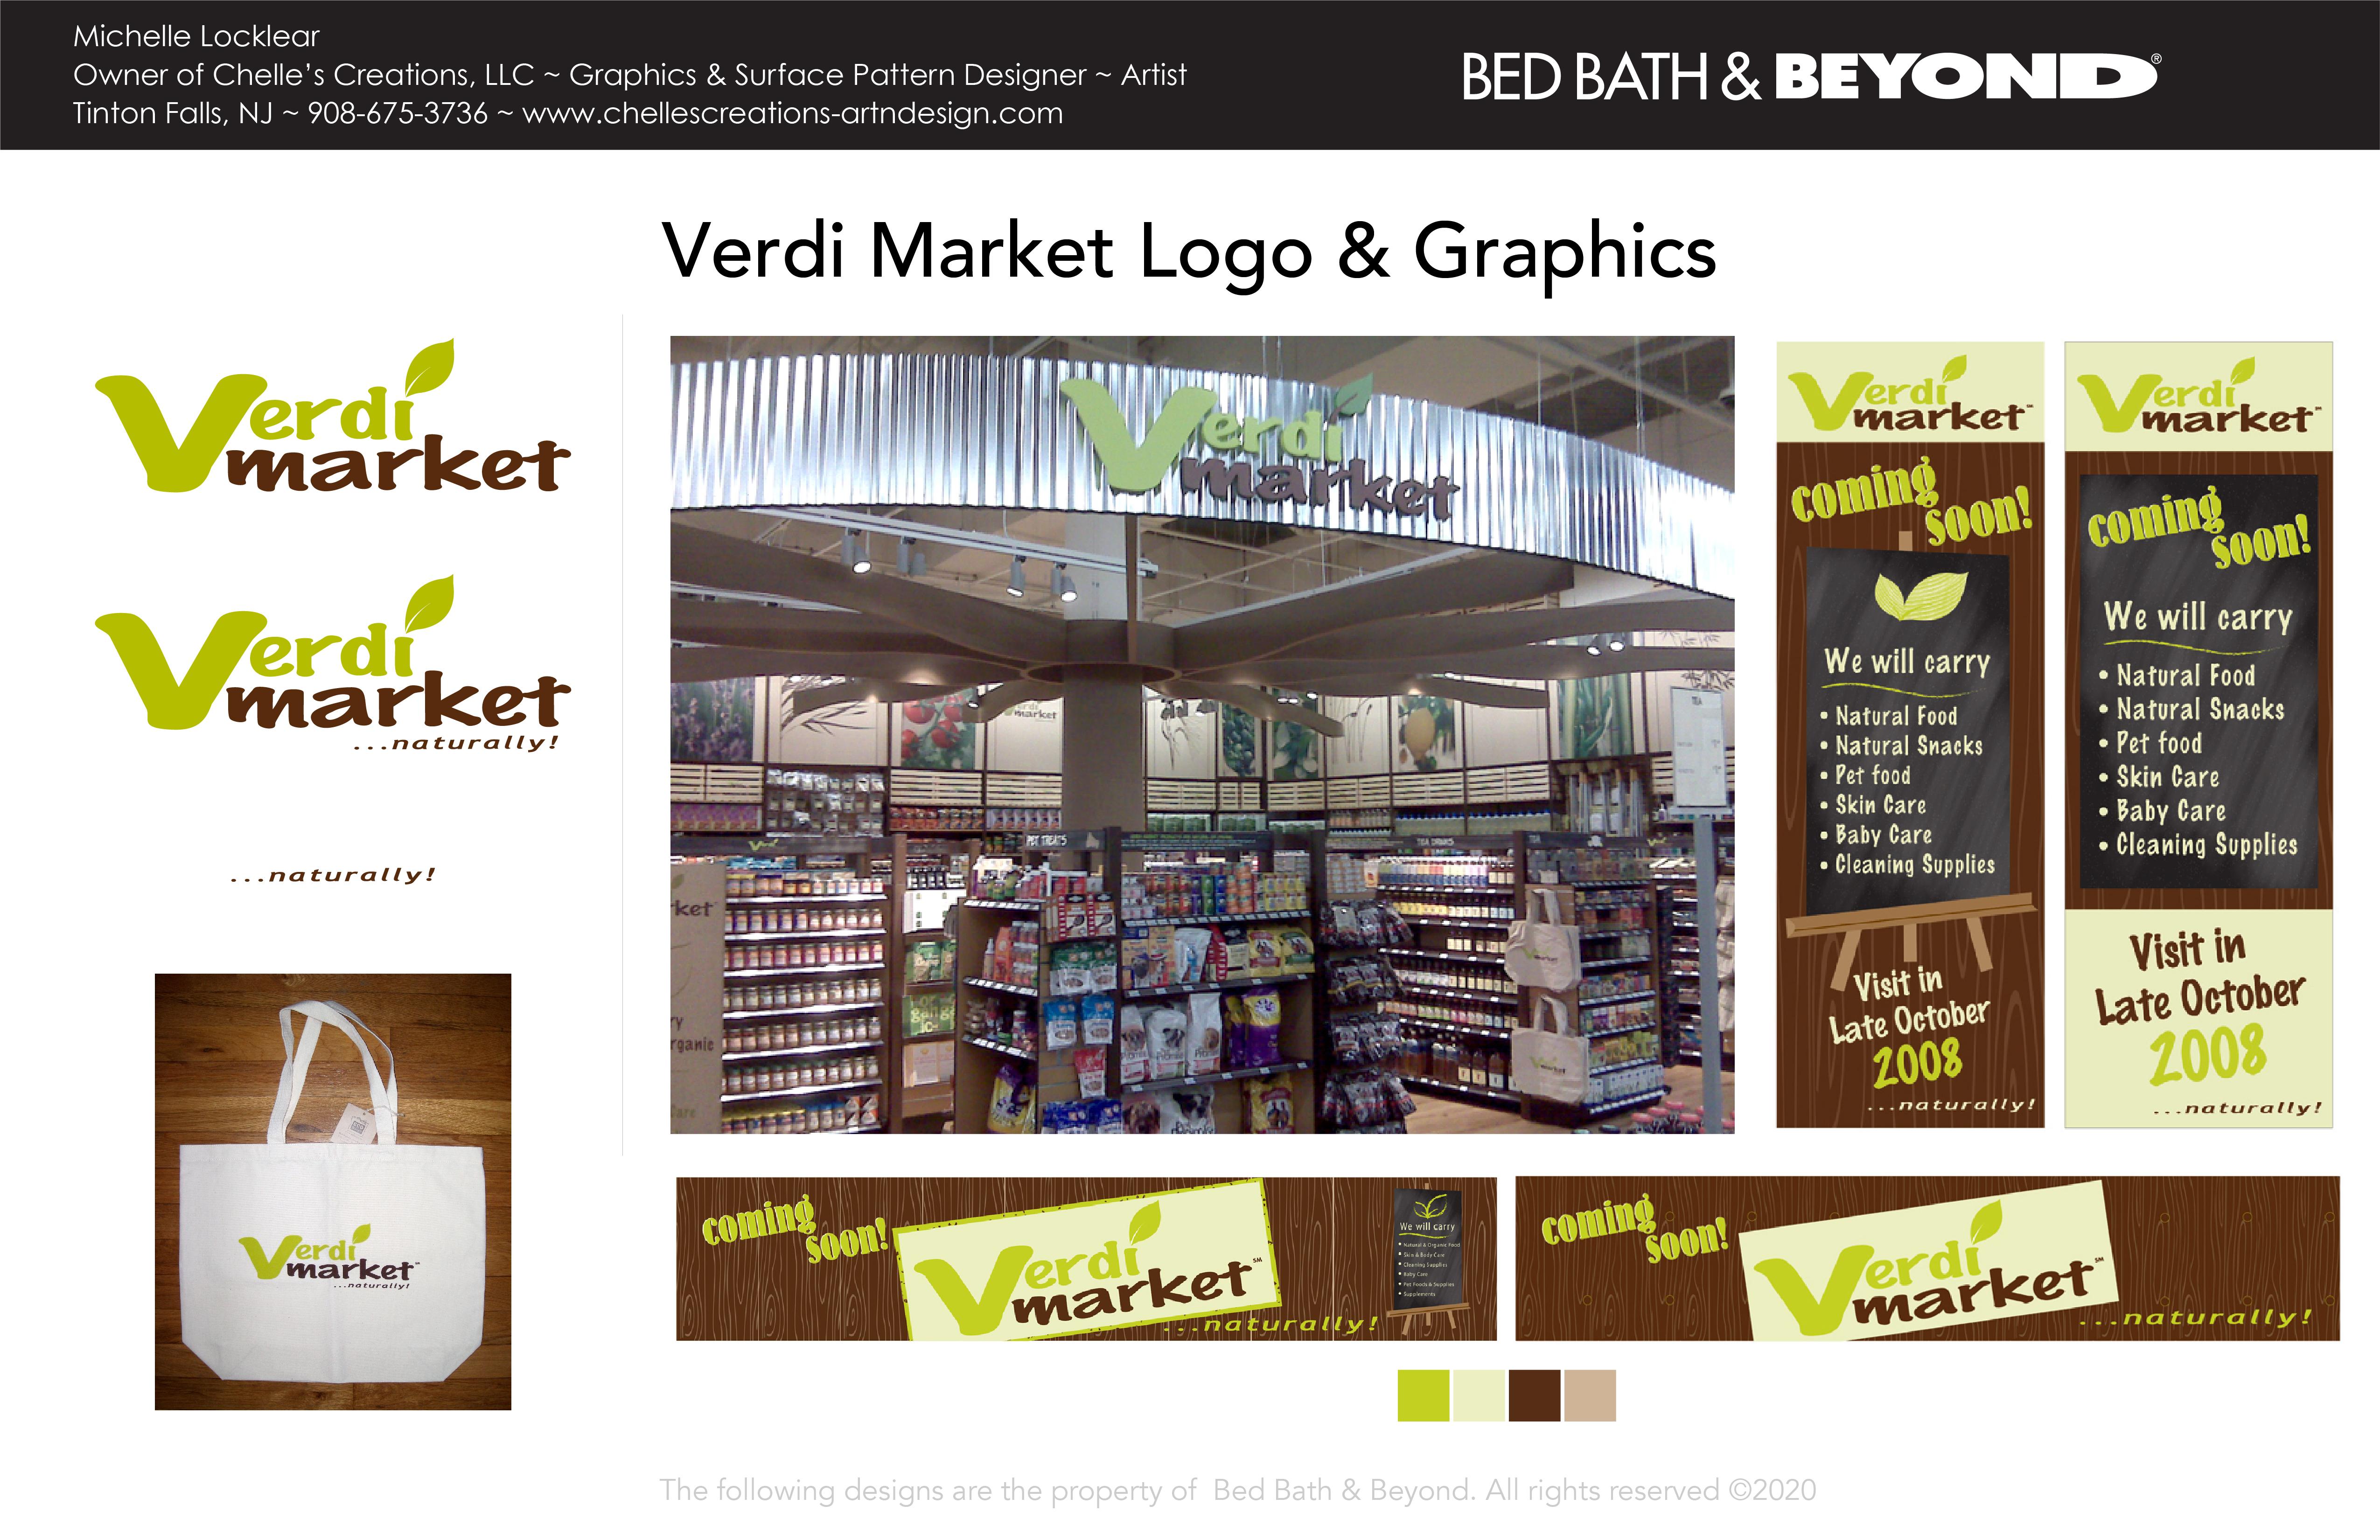 Verdi Market